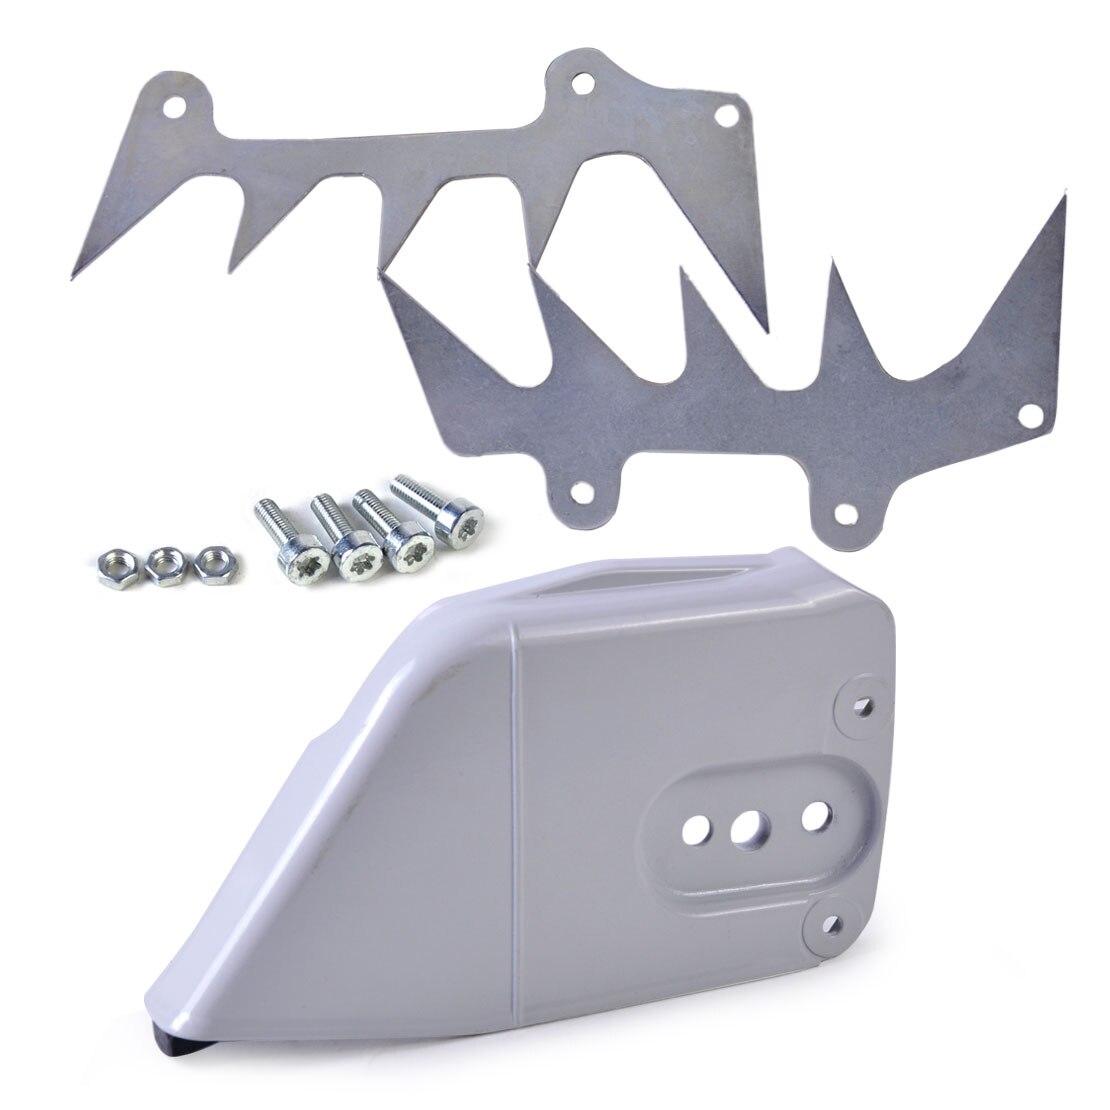 LETAOSK cadena embrague de piñones cubierta parachoques Spike garra tope apto para Stihl 044 046 064 066 MS440 MS460 MS650 MS660